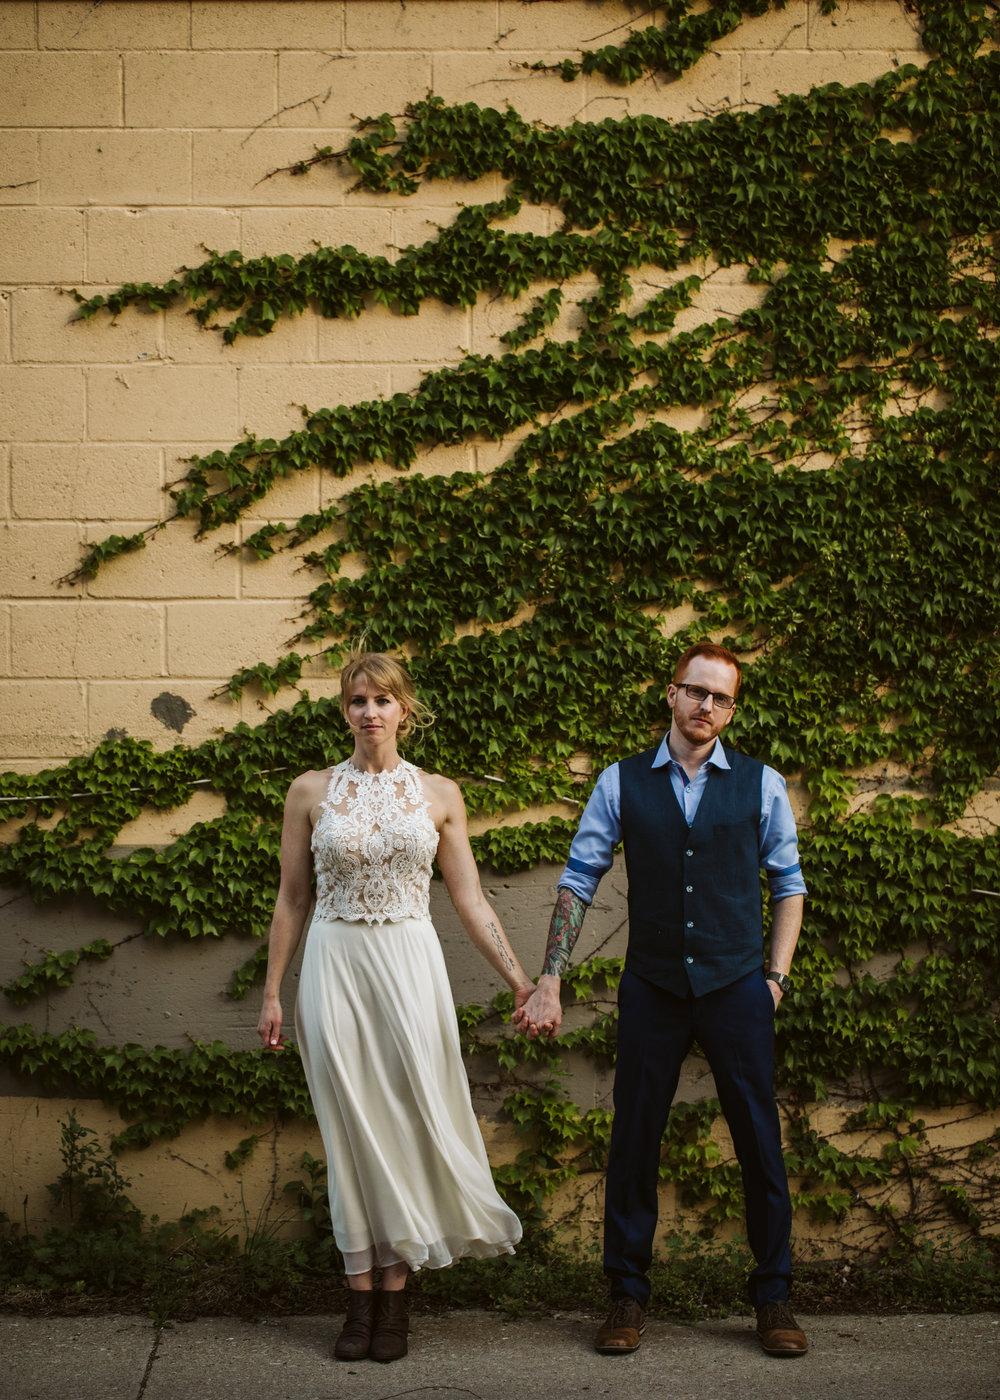 Aryn & Spencer | KC Autoworx Wedding | Black Coffee Photo Co 20.jpg